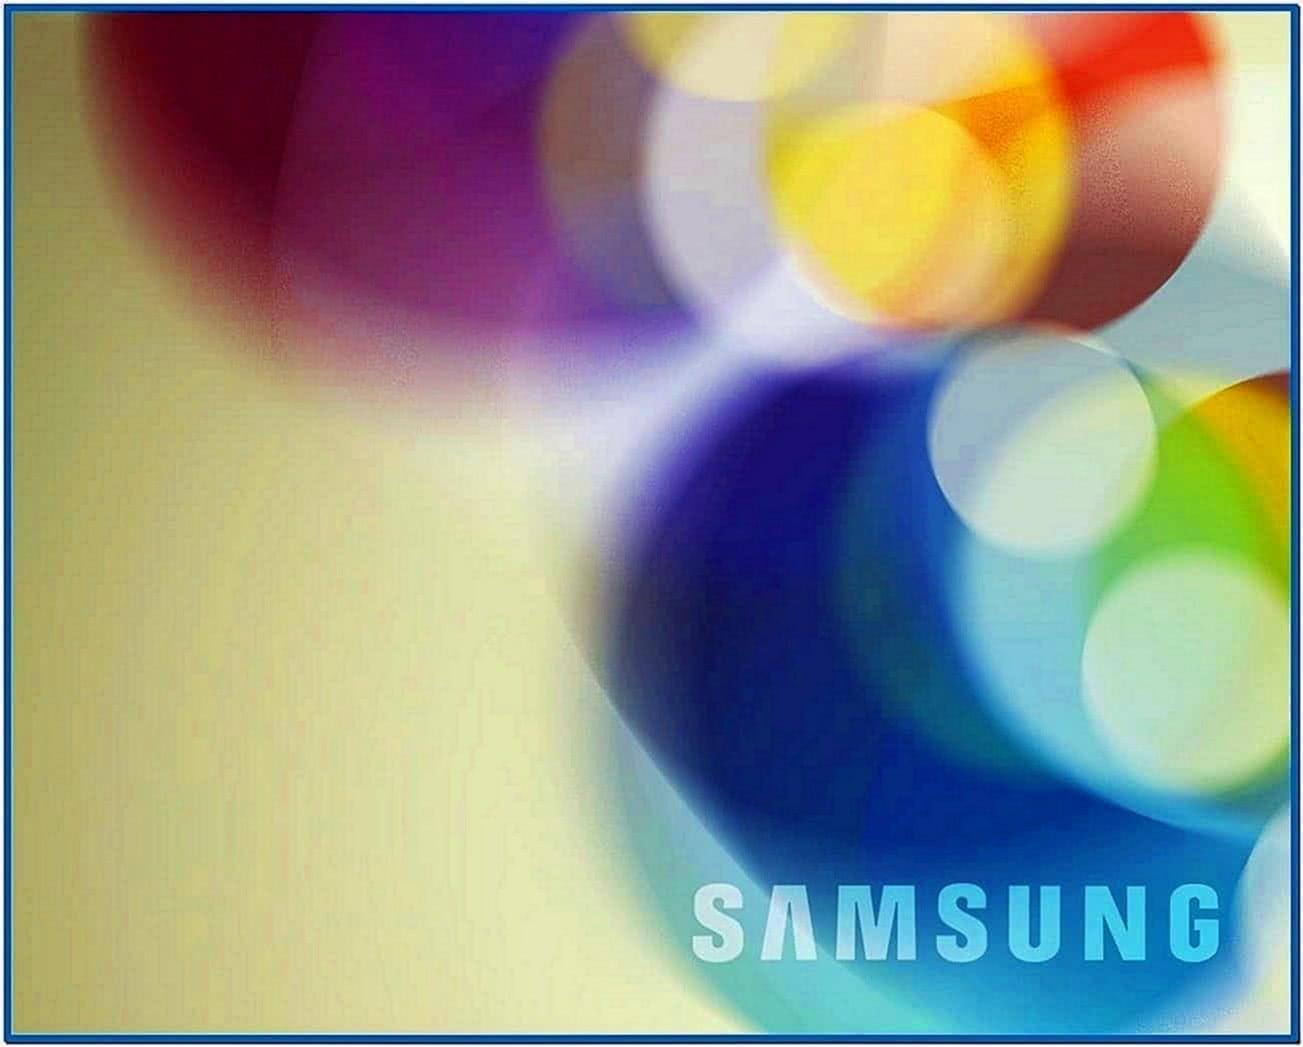 Samsung Screensaver for PC